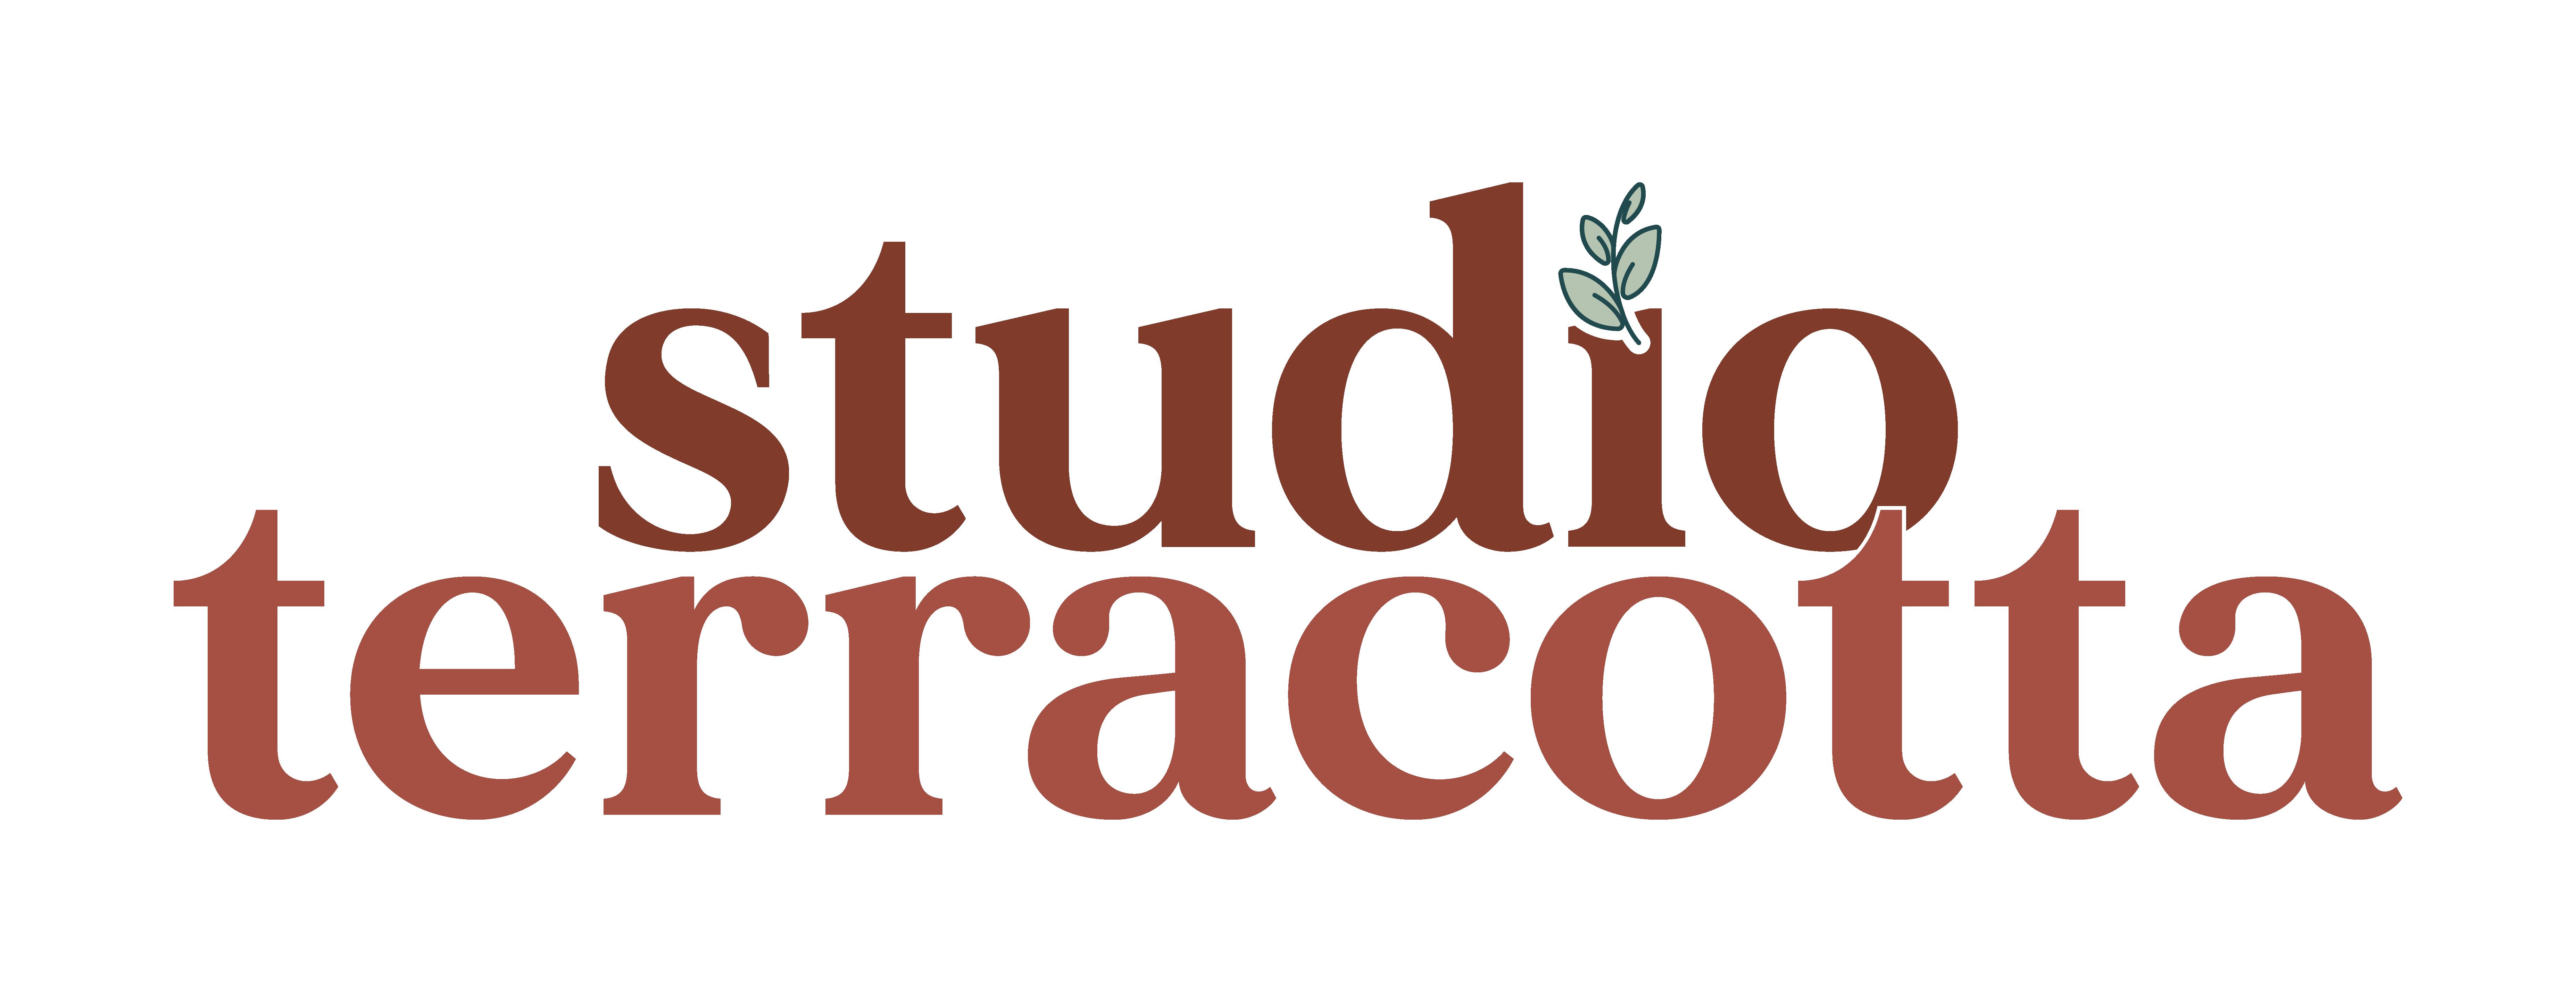 Studio terracotta – studio graphique Logo